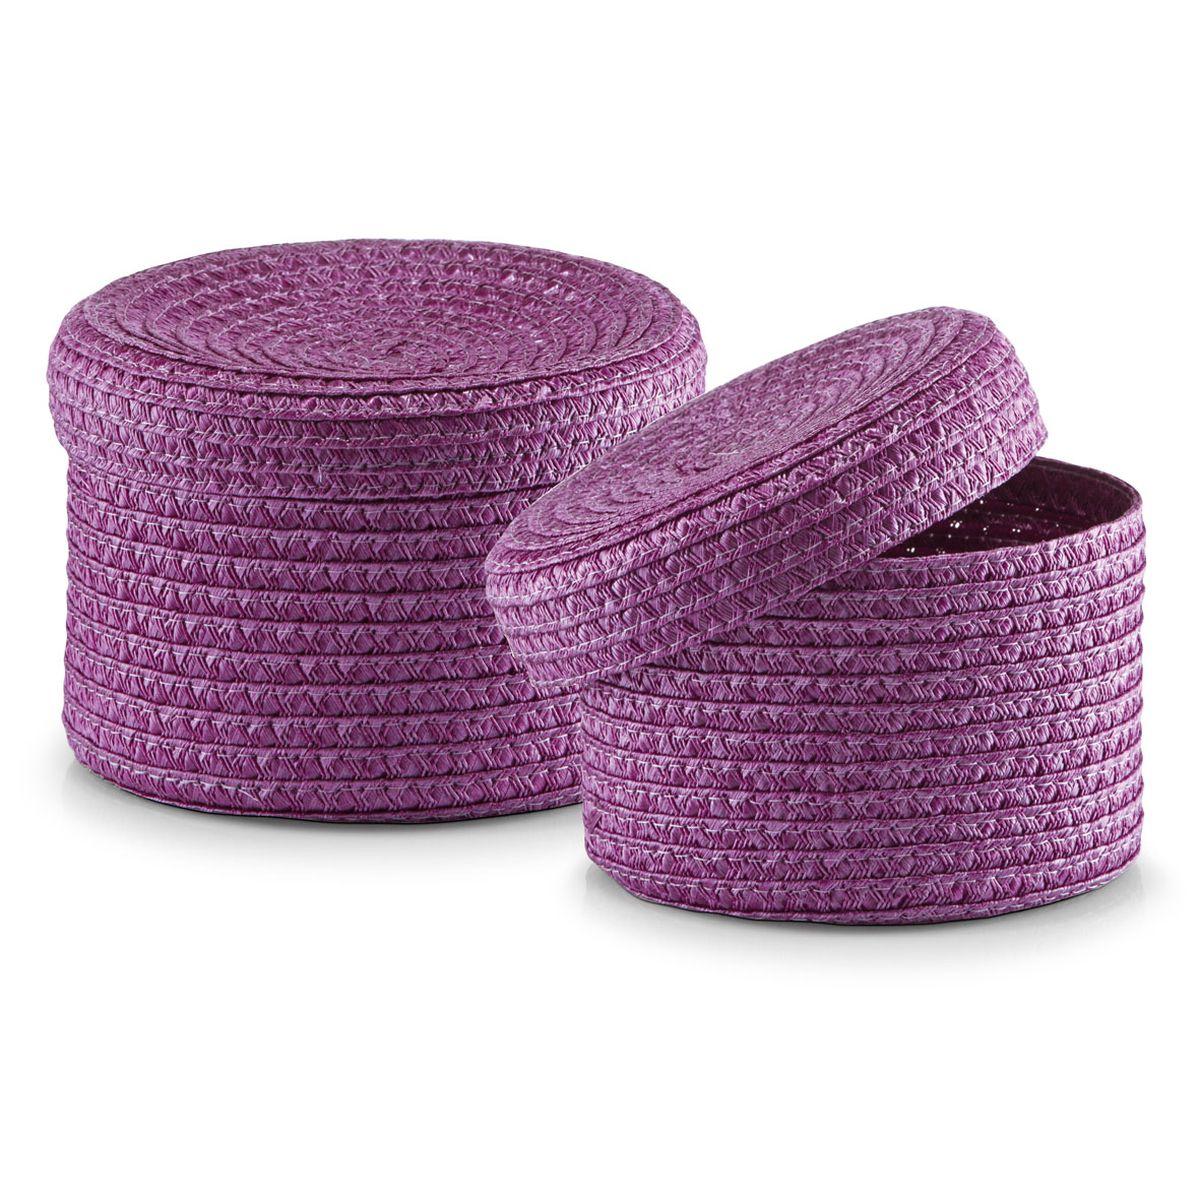 Набор корзин Zeller с крышками, цвет: фиолетовый, 2 шт14121Набор Zeller состоит из двух корзин разного размера. Корзинки изготовлены из текстиля и оснащены крышками. Изделия идеально подходят для упаковки подарков, цветочных композиций и подарочных наборов, для хранения различных вещей и аксессуаров. Так же они являются прекрасным декоративным элементом интерьера. Такие корзины будут создавать уют и комфорт в вашем доме и станут отличным подарком. Диаметр корзин: 16 см, 17 см. Высота корзин: 10 см, 12 см.